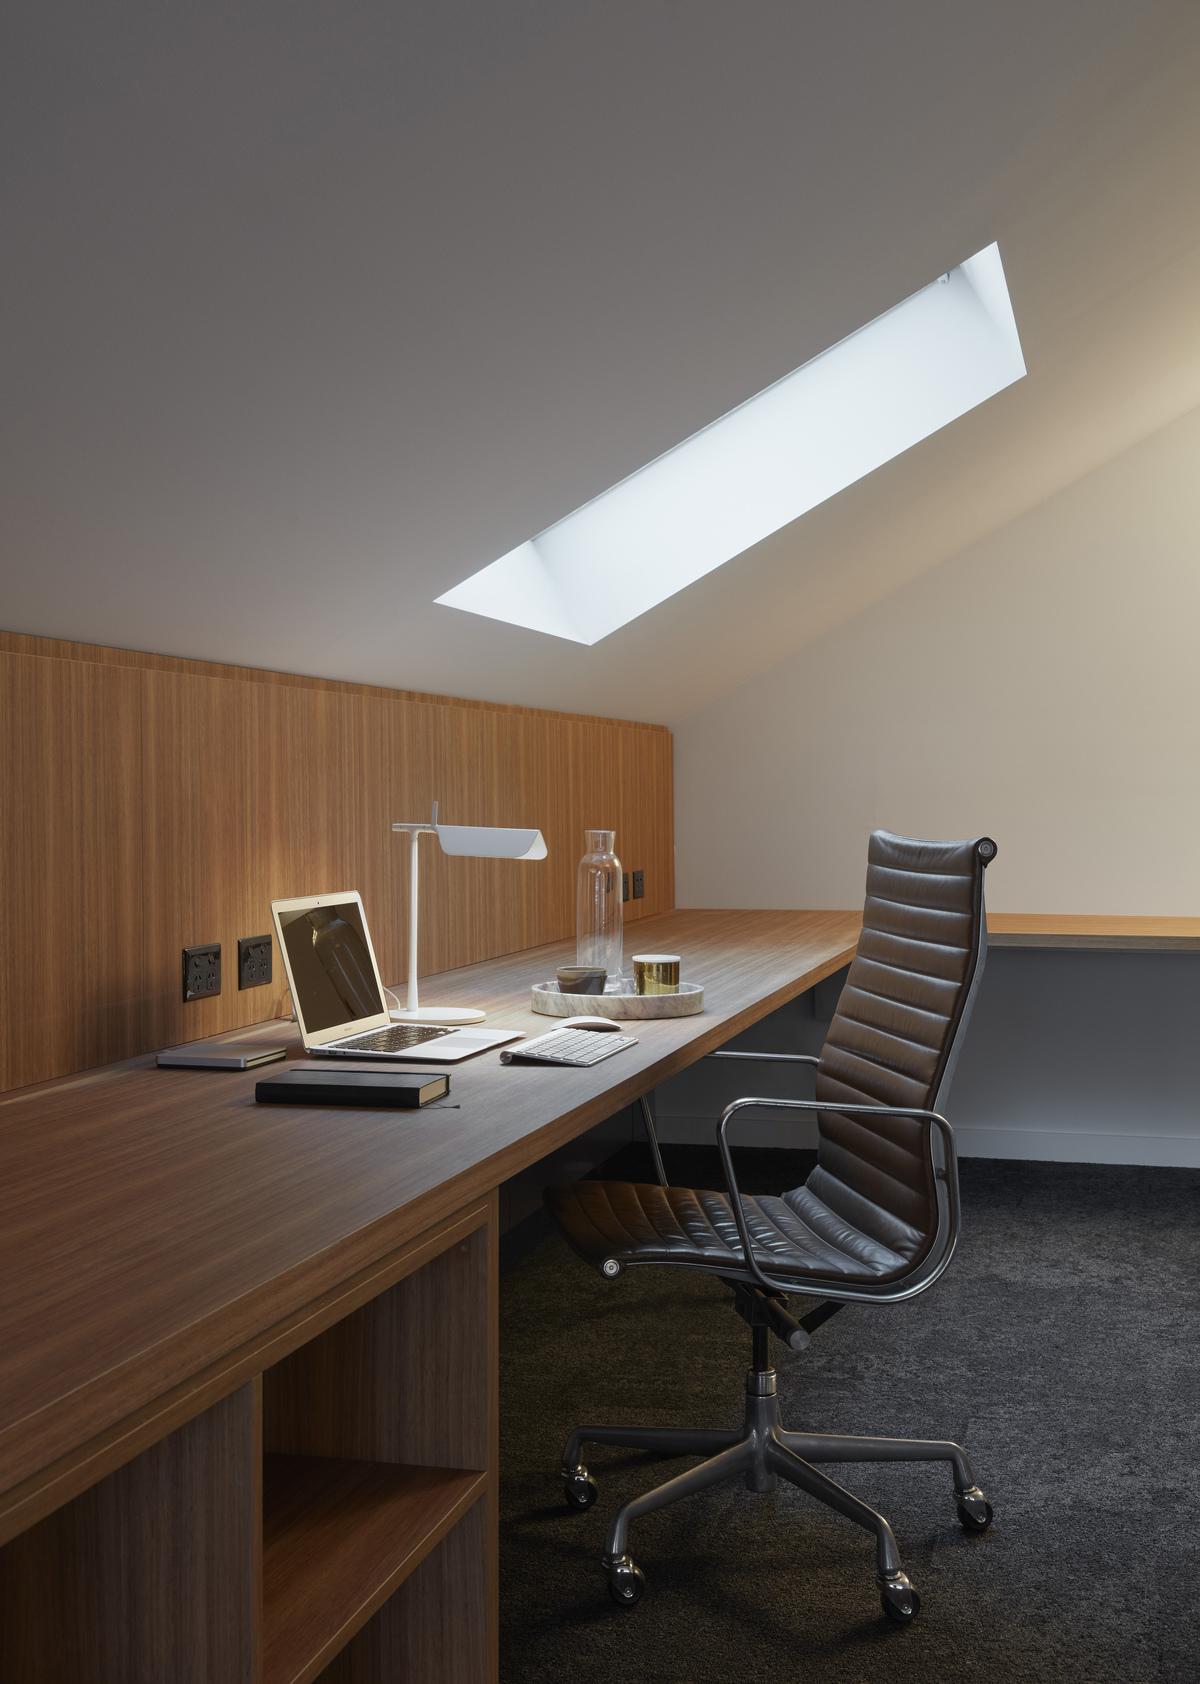 Australian Design, Kingsville Residence by Richard King Design, Melbourne, VIC, Australia (11)